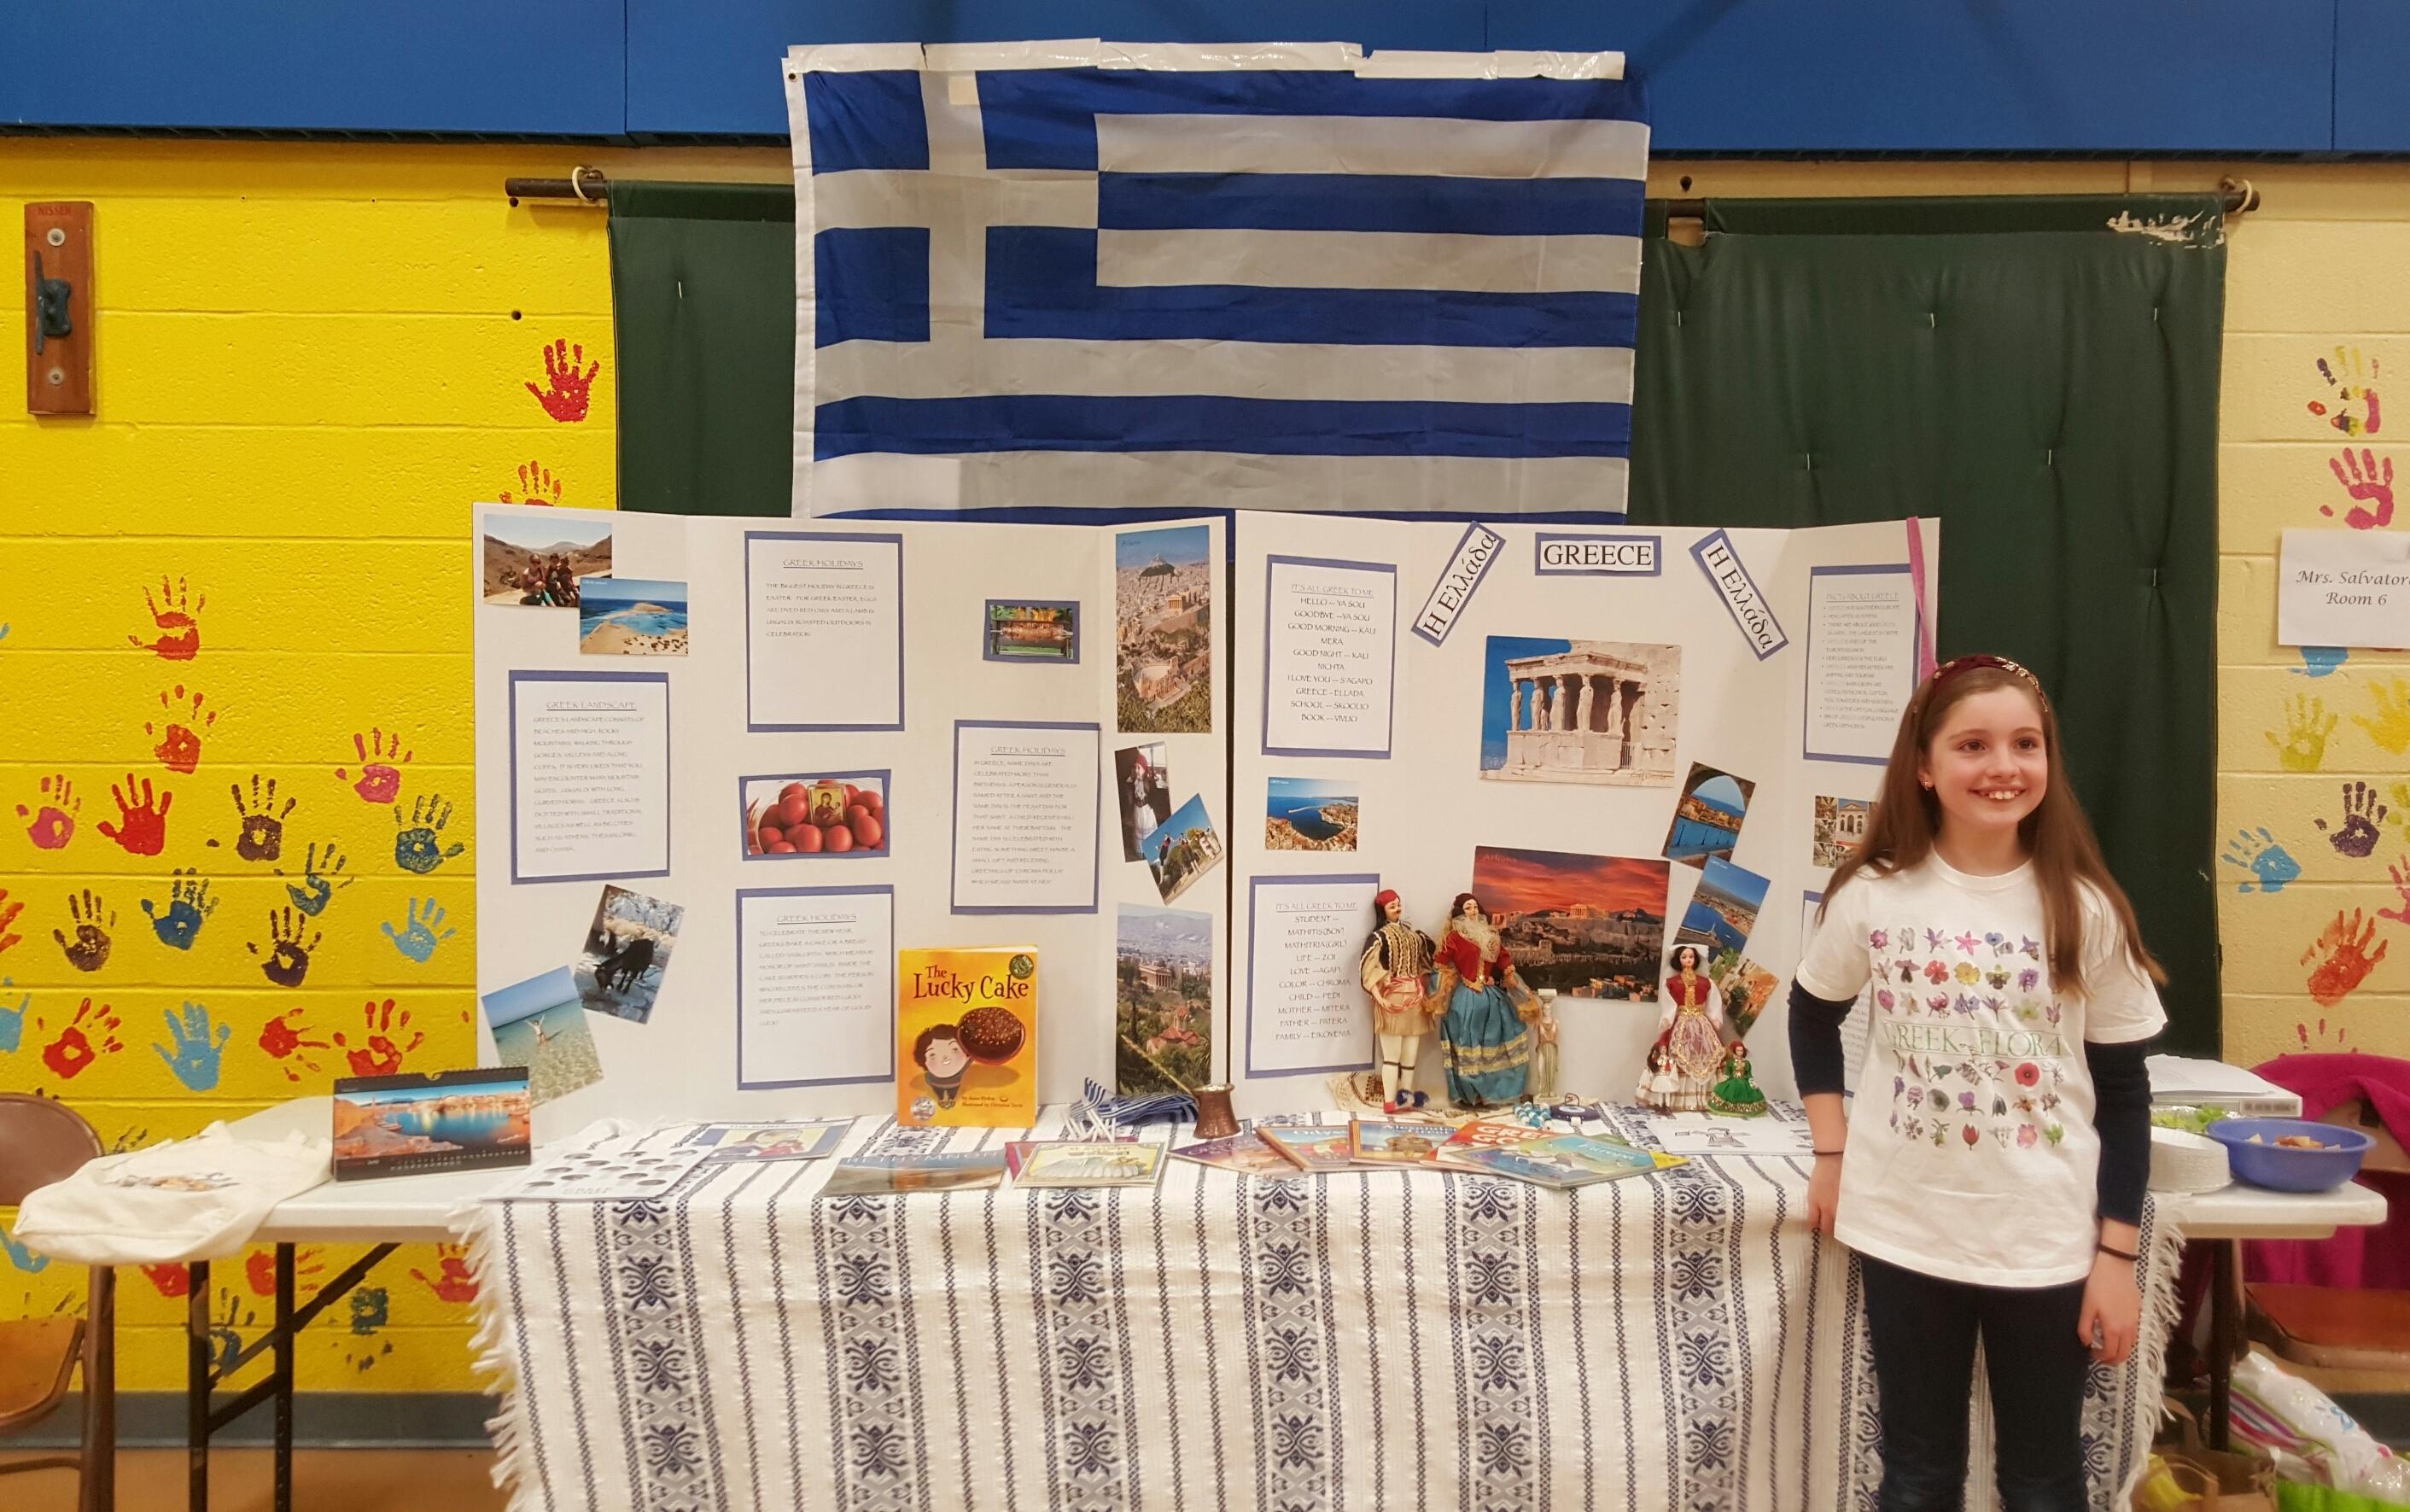 aab2a6b8ad85f6263f1a_Greece_Grace_Warnick.jpg